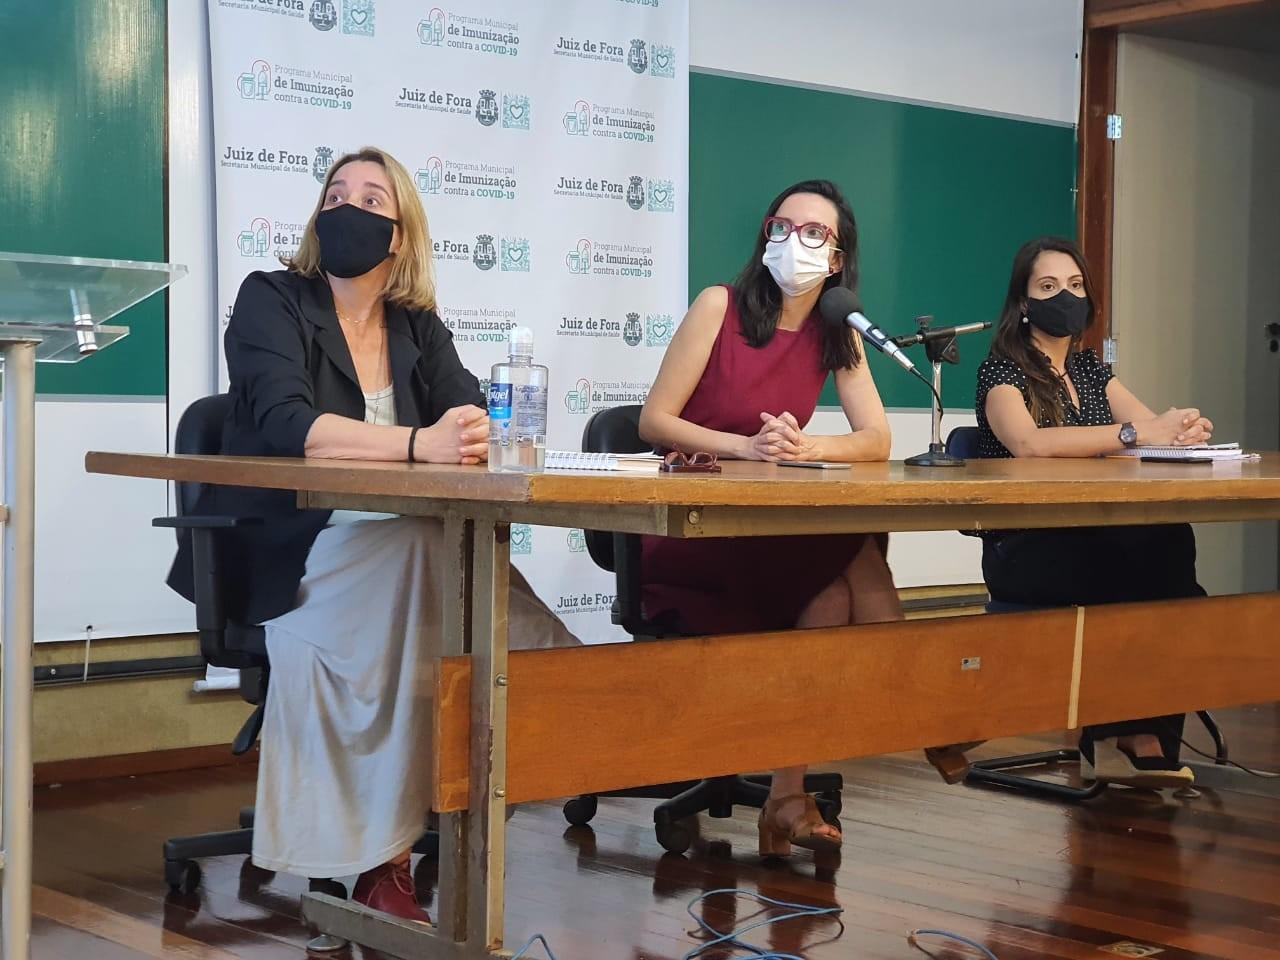 Covid-19: Prefeitura detalha esquema de vacinação para Juiz de Fora e estima chegada de 15 mil doses